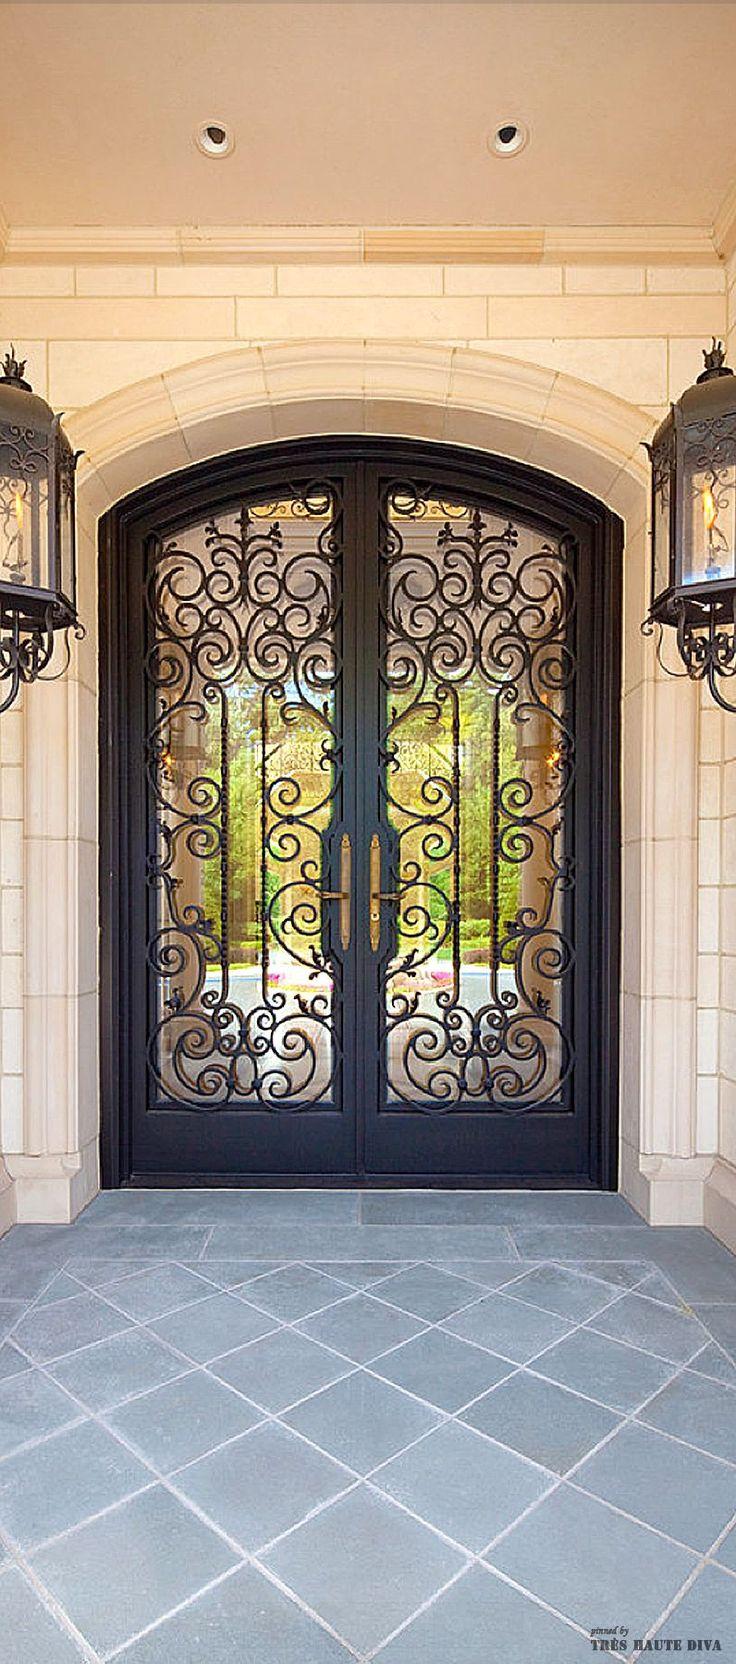 796 1 800 pixels for 1800 patio doors